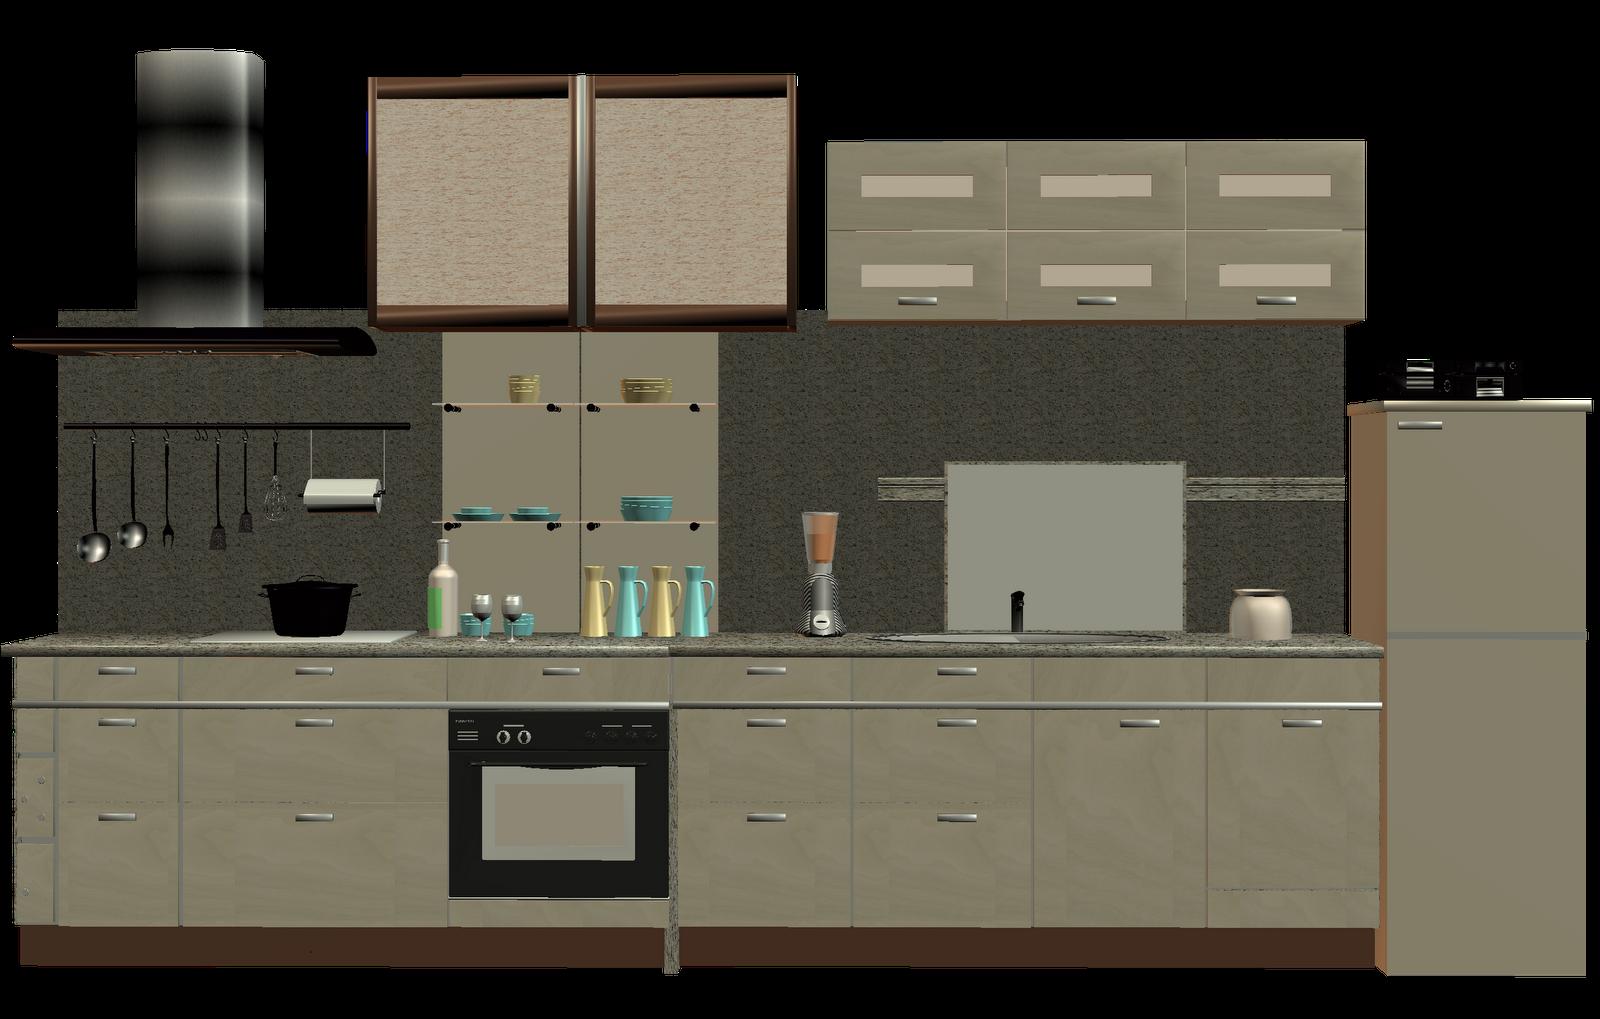 Kitchen clipart kitchen drawer. Modern ideas hd best